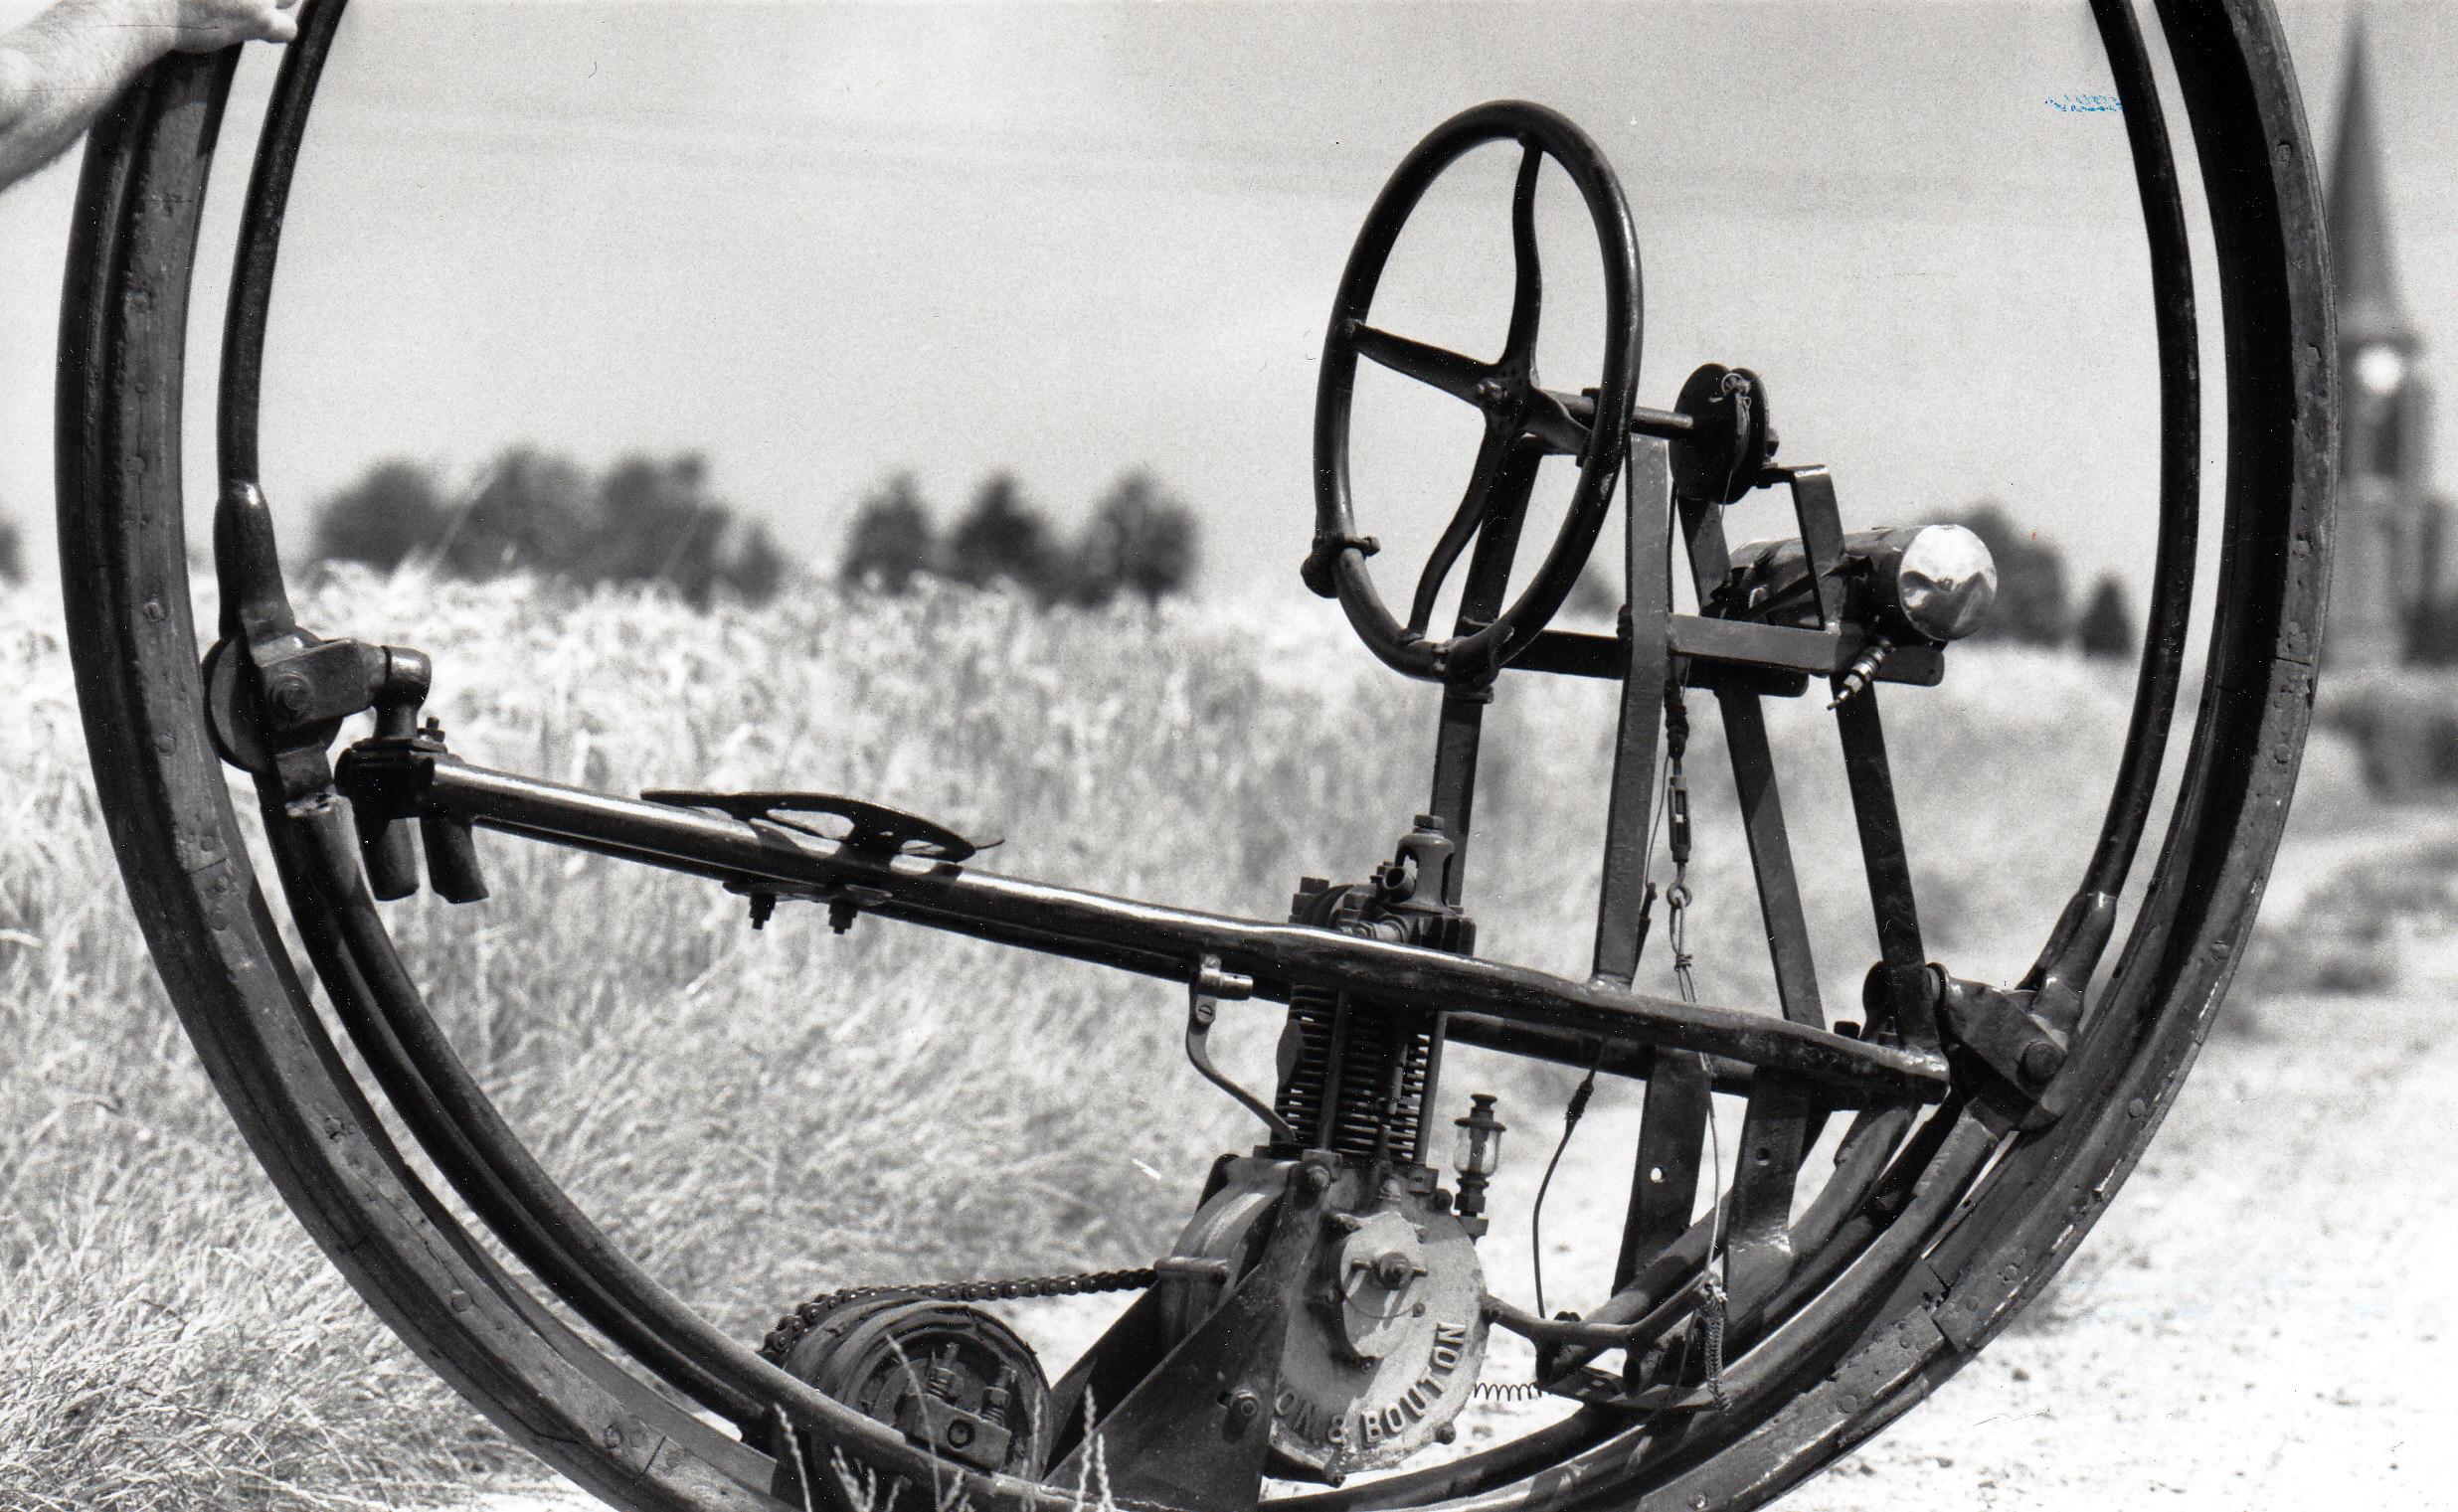 Europian Historical Bicycle Collection Europäische Historische ...